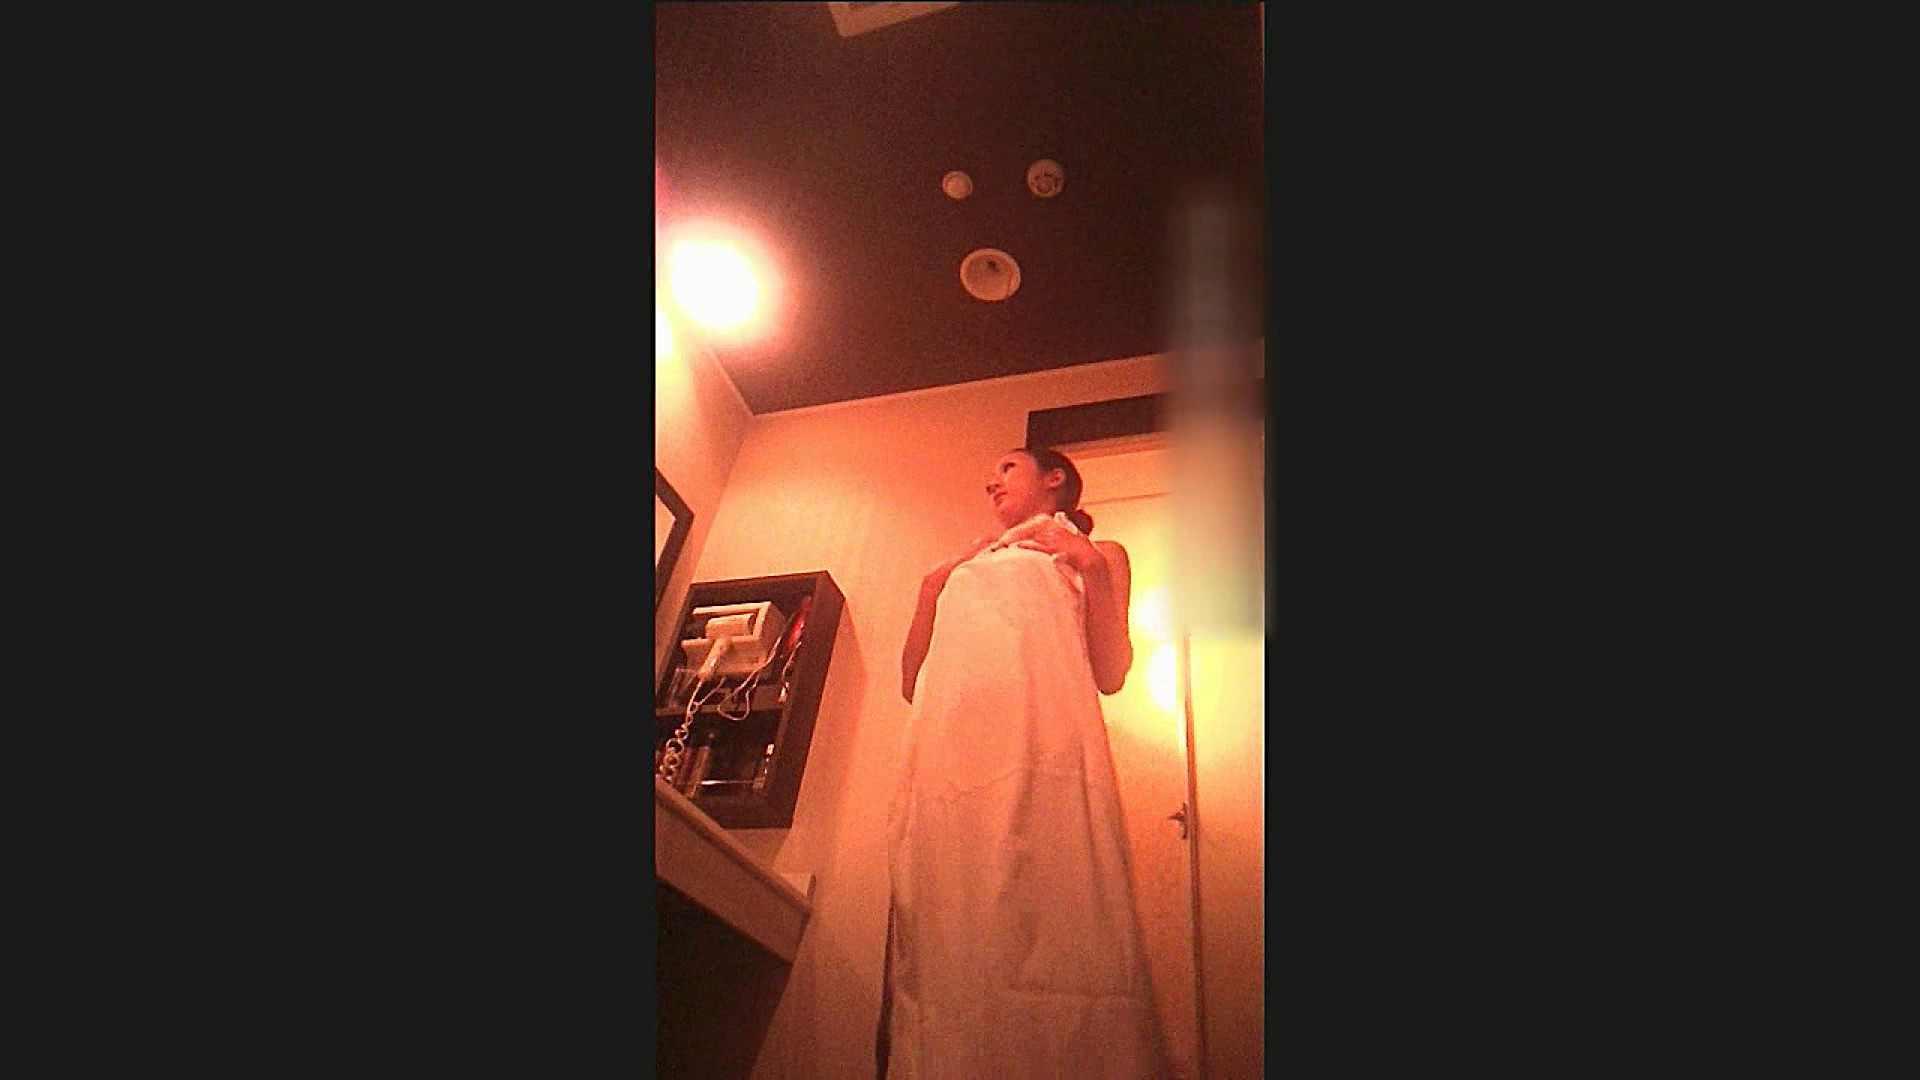 厚化粧はこの日だけ。。 ひまるちゃん Vol. 20  脱衣編 日焼けギャル オメコ動画キャプチャ 109枚 78